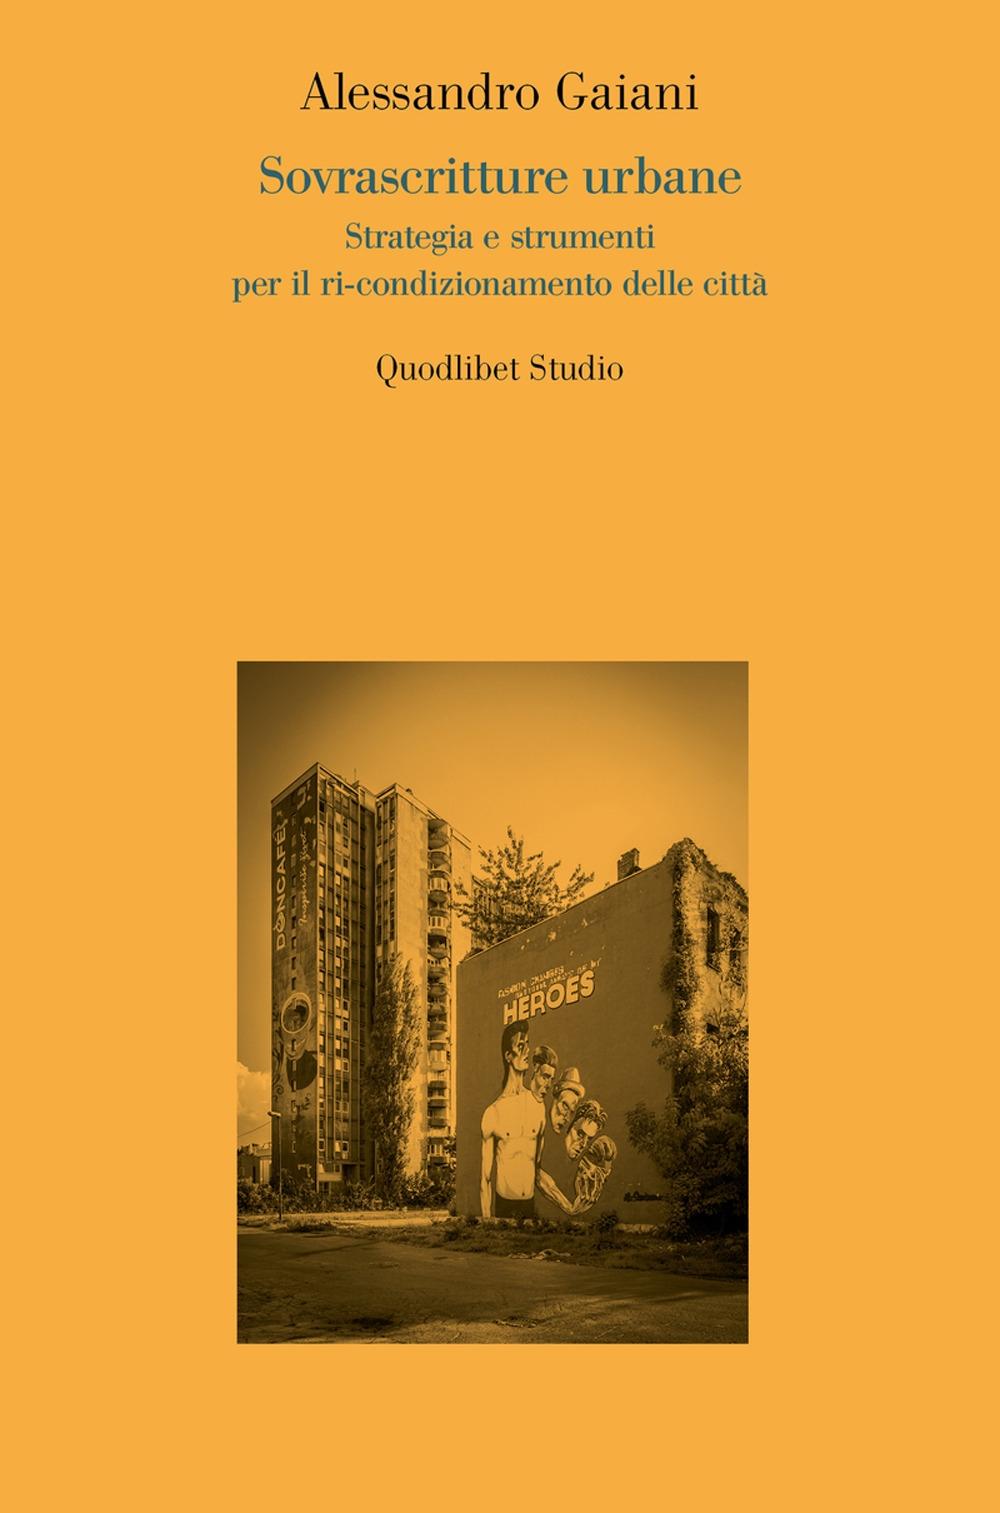 Sovrascritture urbane. Strategia e strumenti per il ri-condizionamento delle città